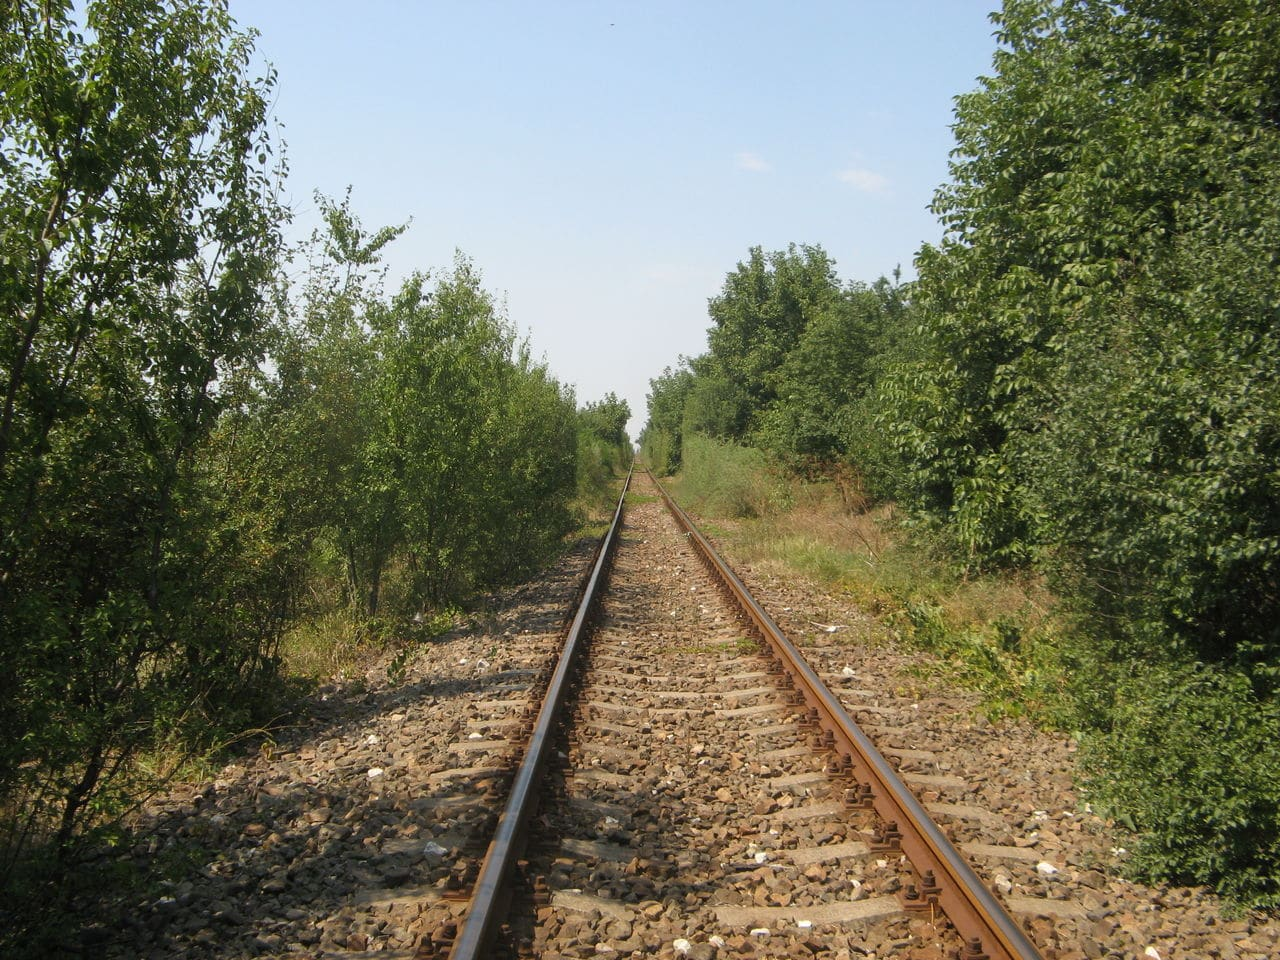 Calea ferată directă Oradea Vest - Episcopia Bihor IMG_0067